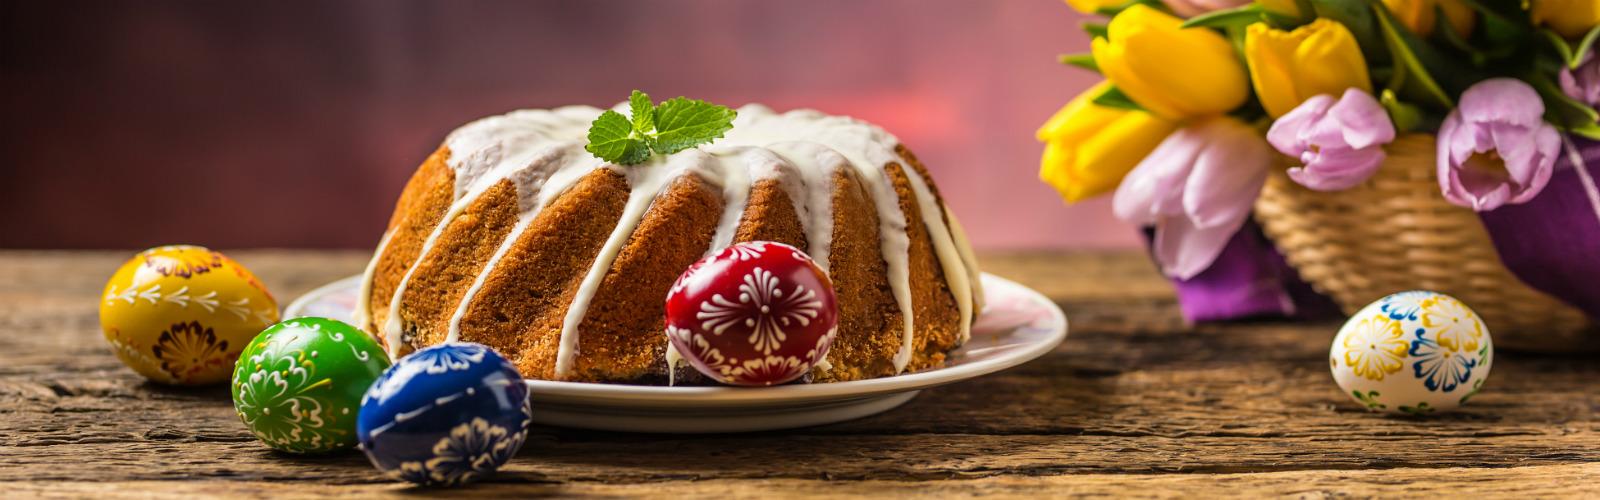 tradycyjne ciasta wielkanocne